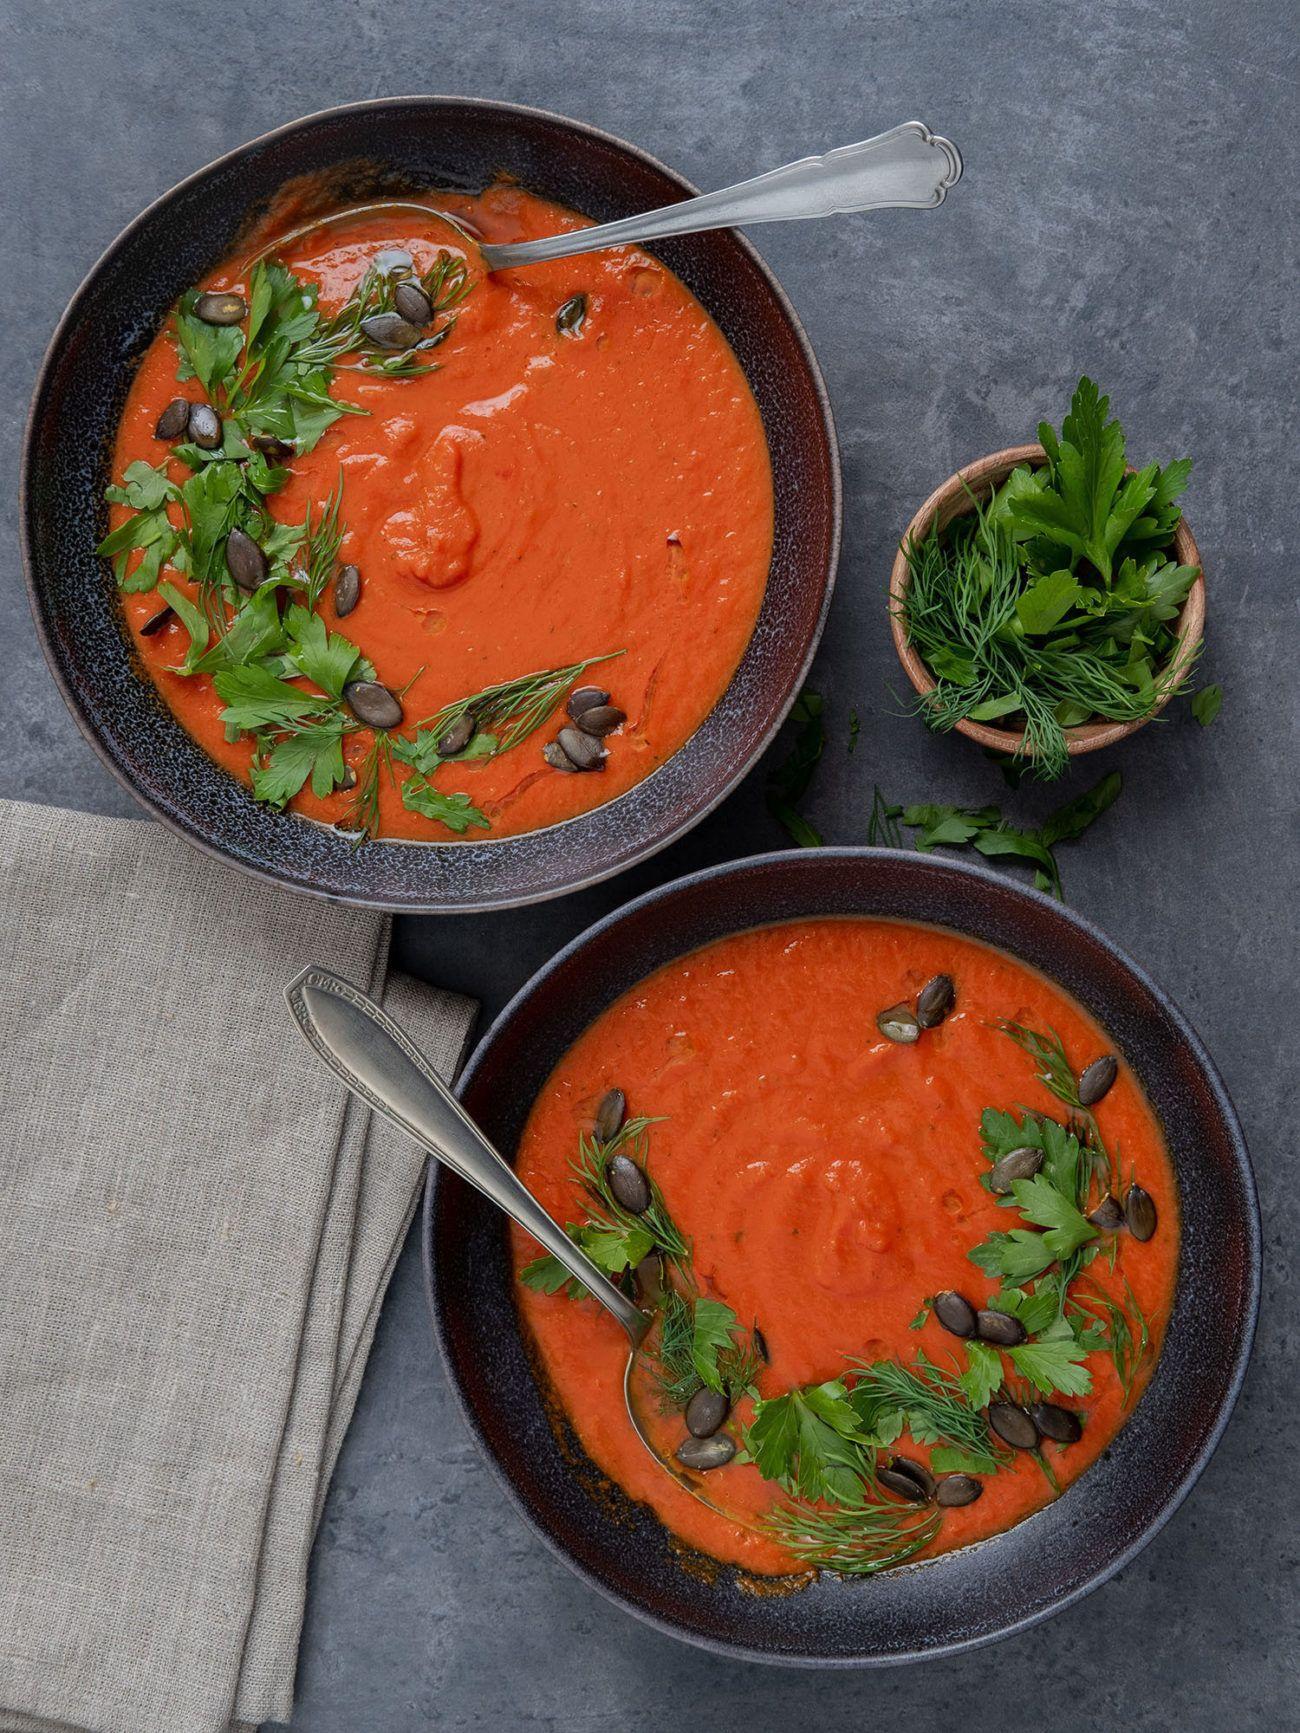 Rezept Tomaten-Kurkuma-Suppe mit Kürbiskern-Kräuter-Topping, Teller, Löffel, Kräuter